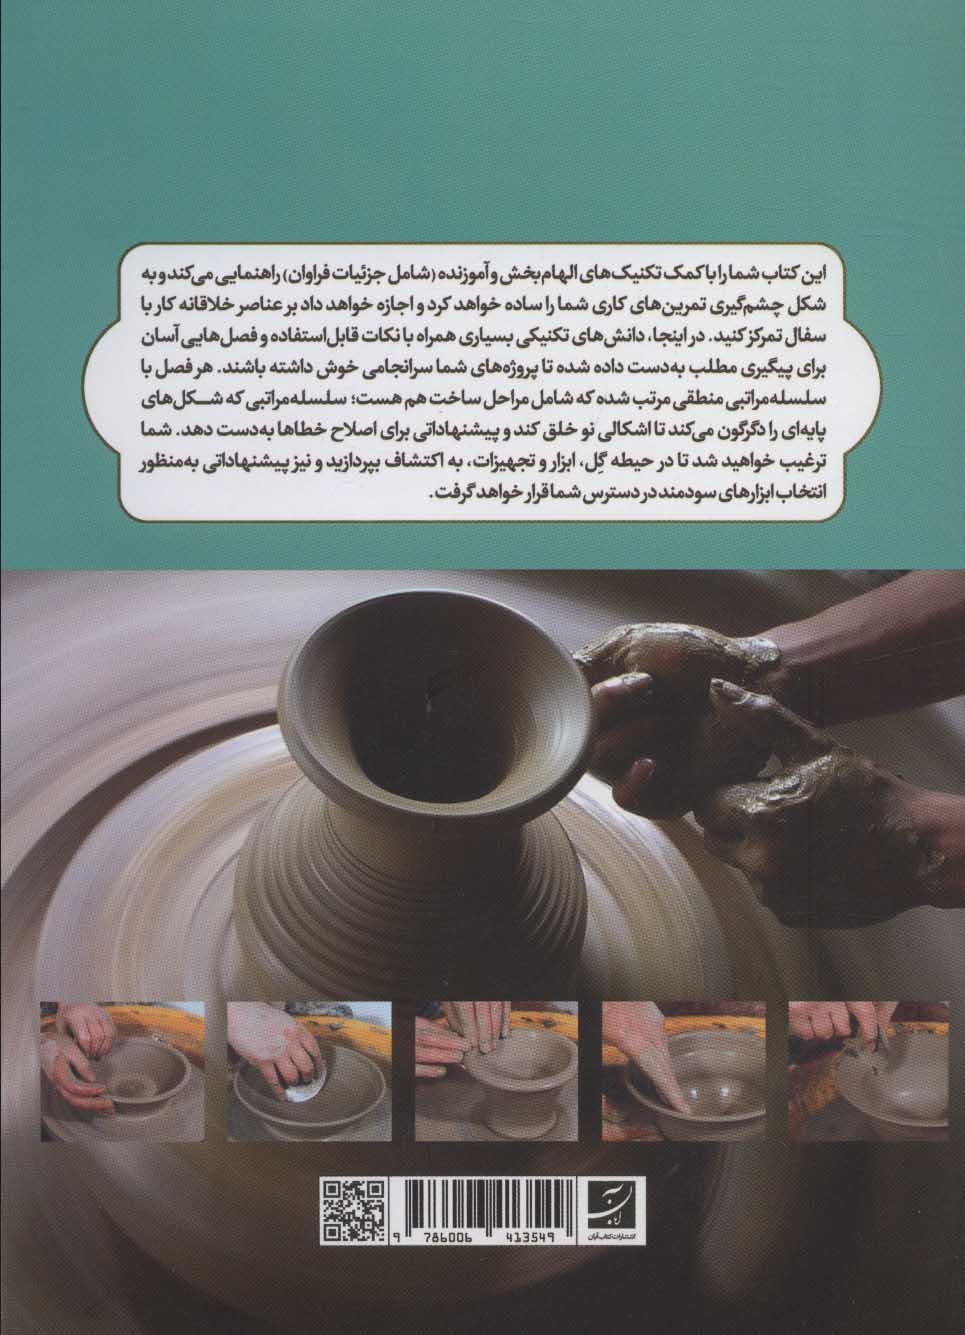 آموزش فن و هنر سفالگری (250 نکته کابردی)